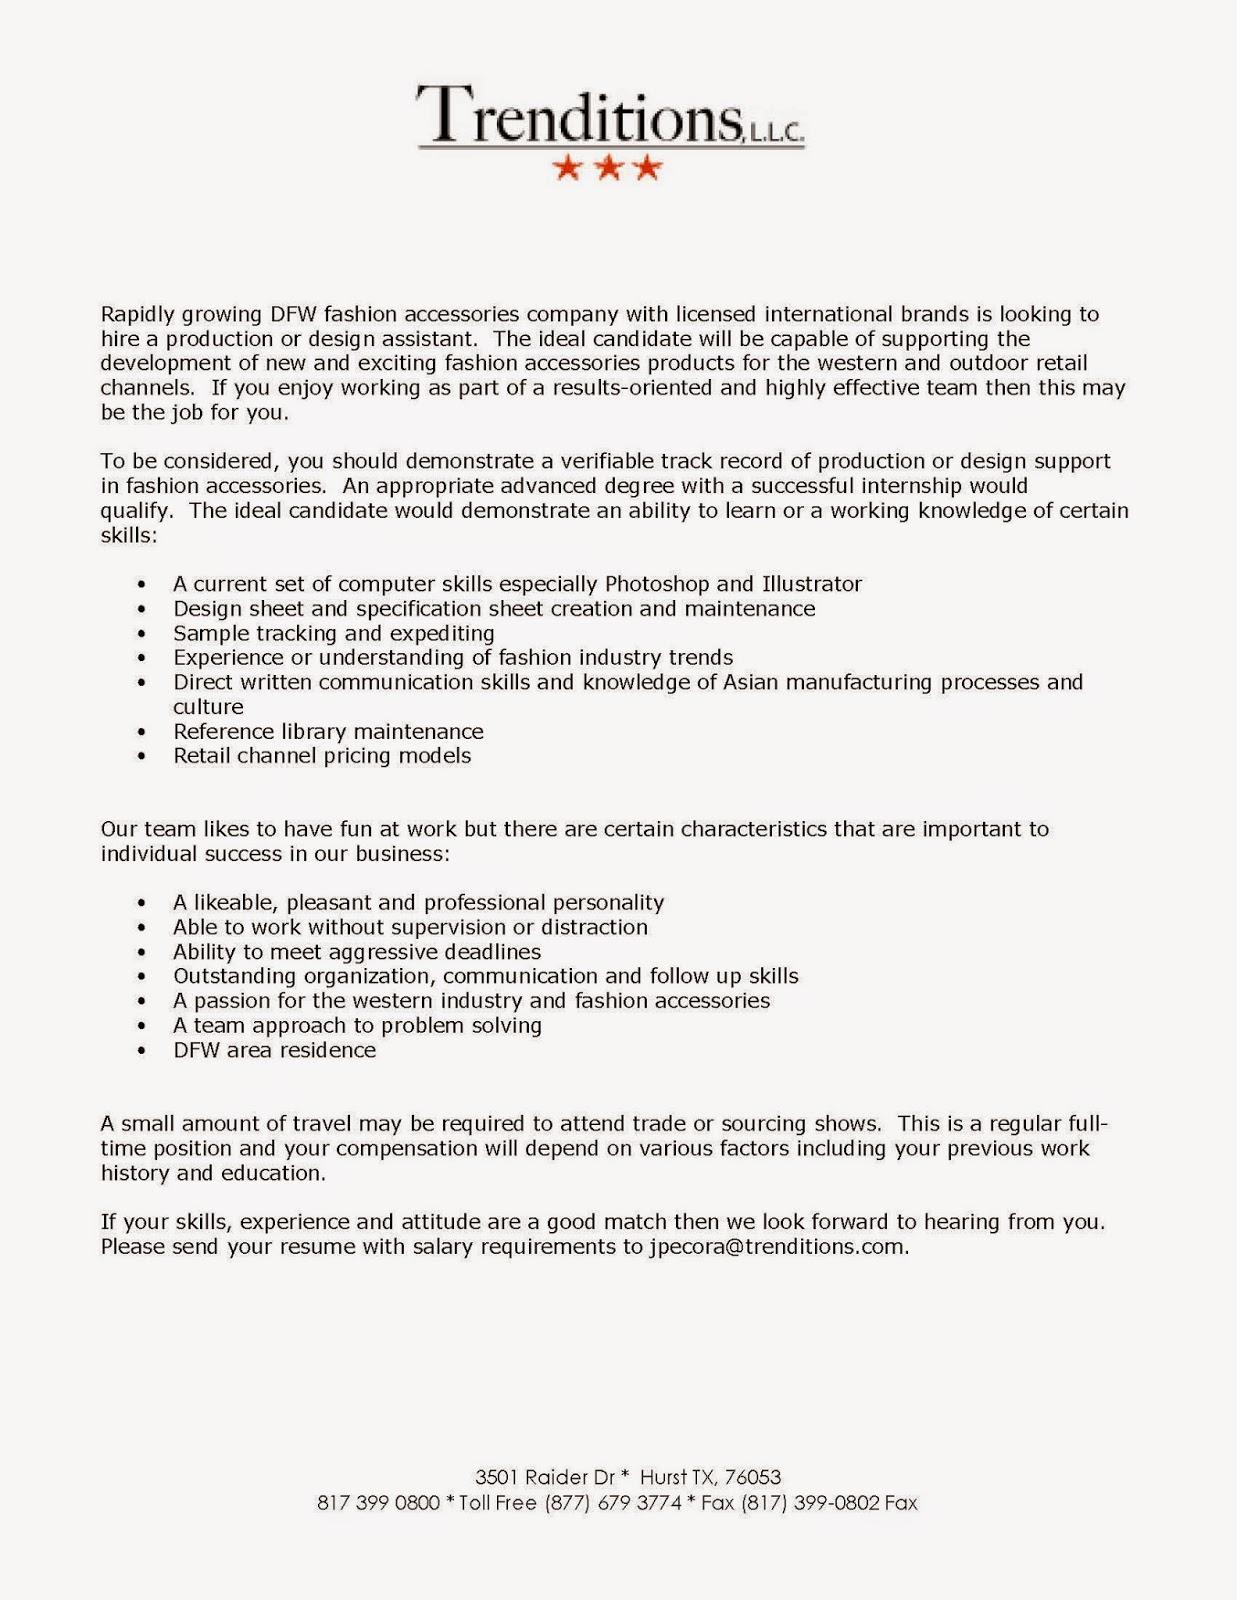 Job Description Of An Interior Designer Assistant